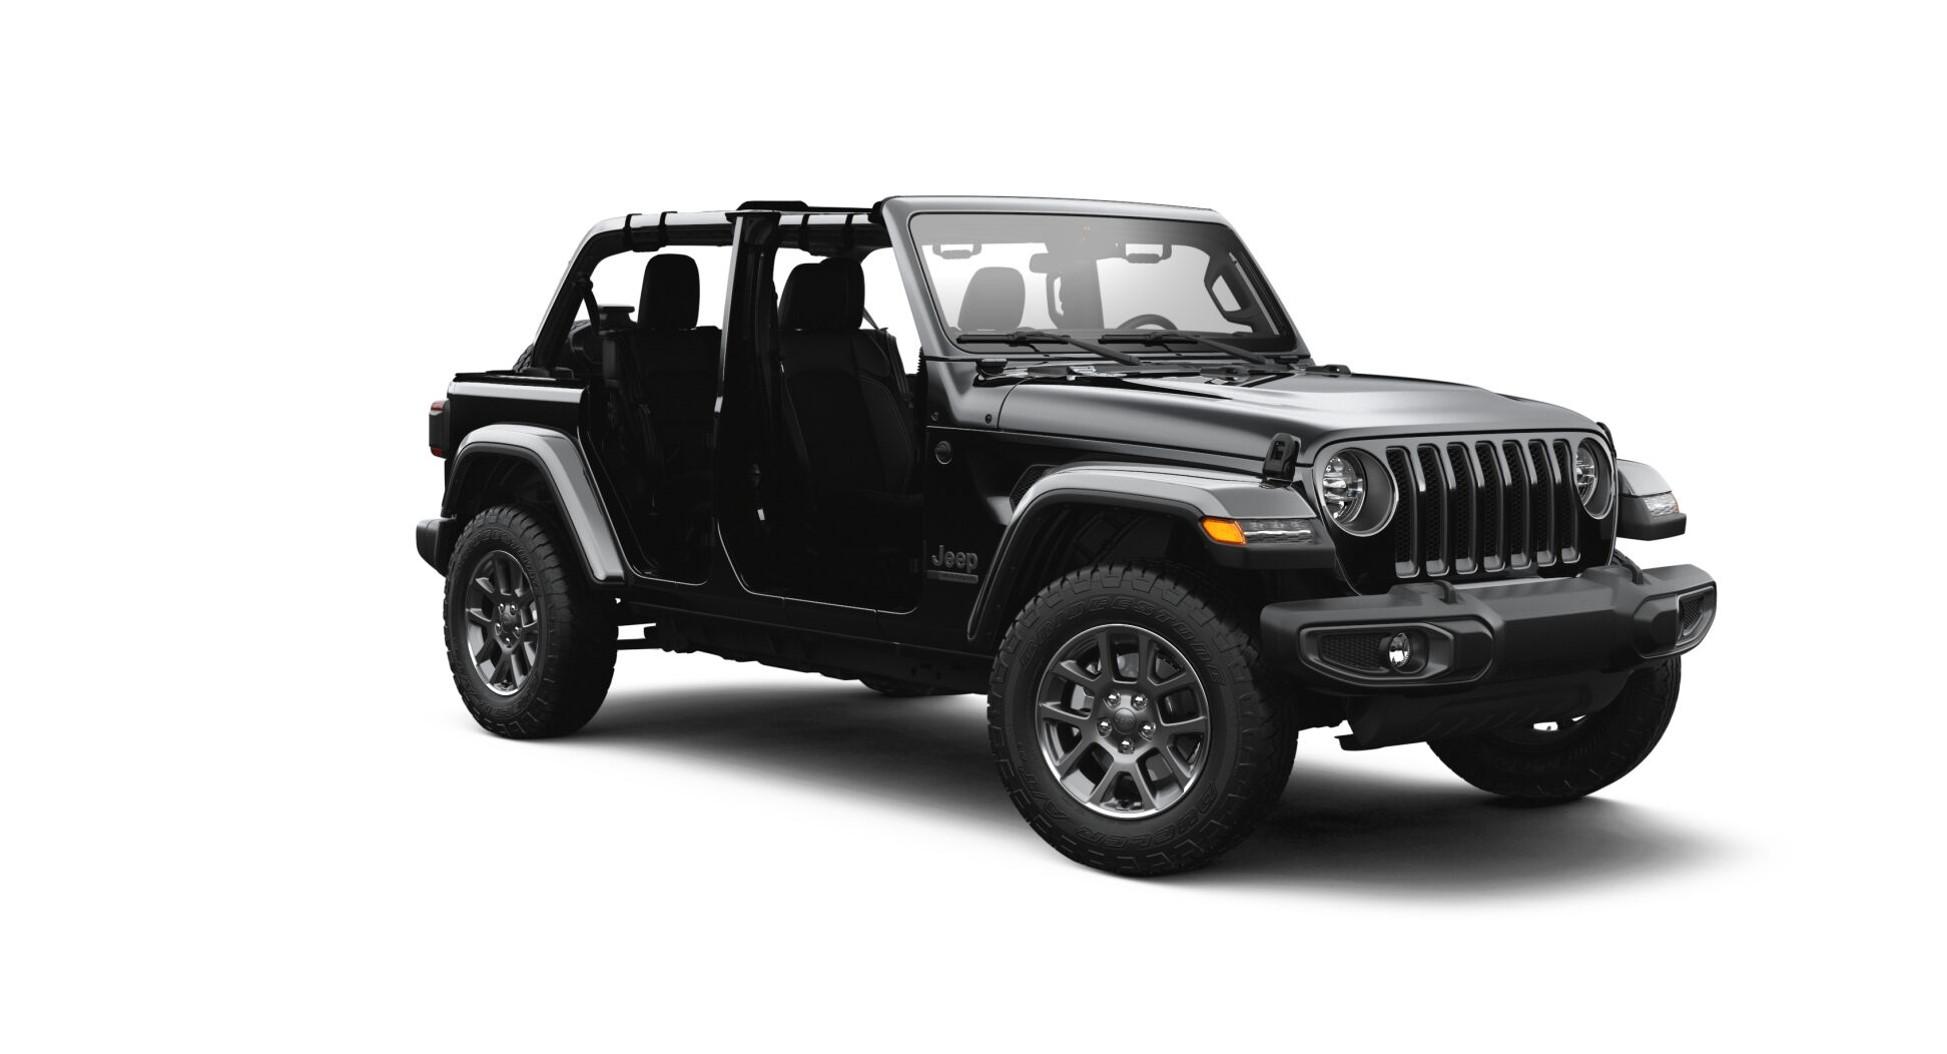 jeep wrangler serie especial 80 anos sem capota em fundo branco